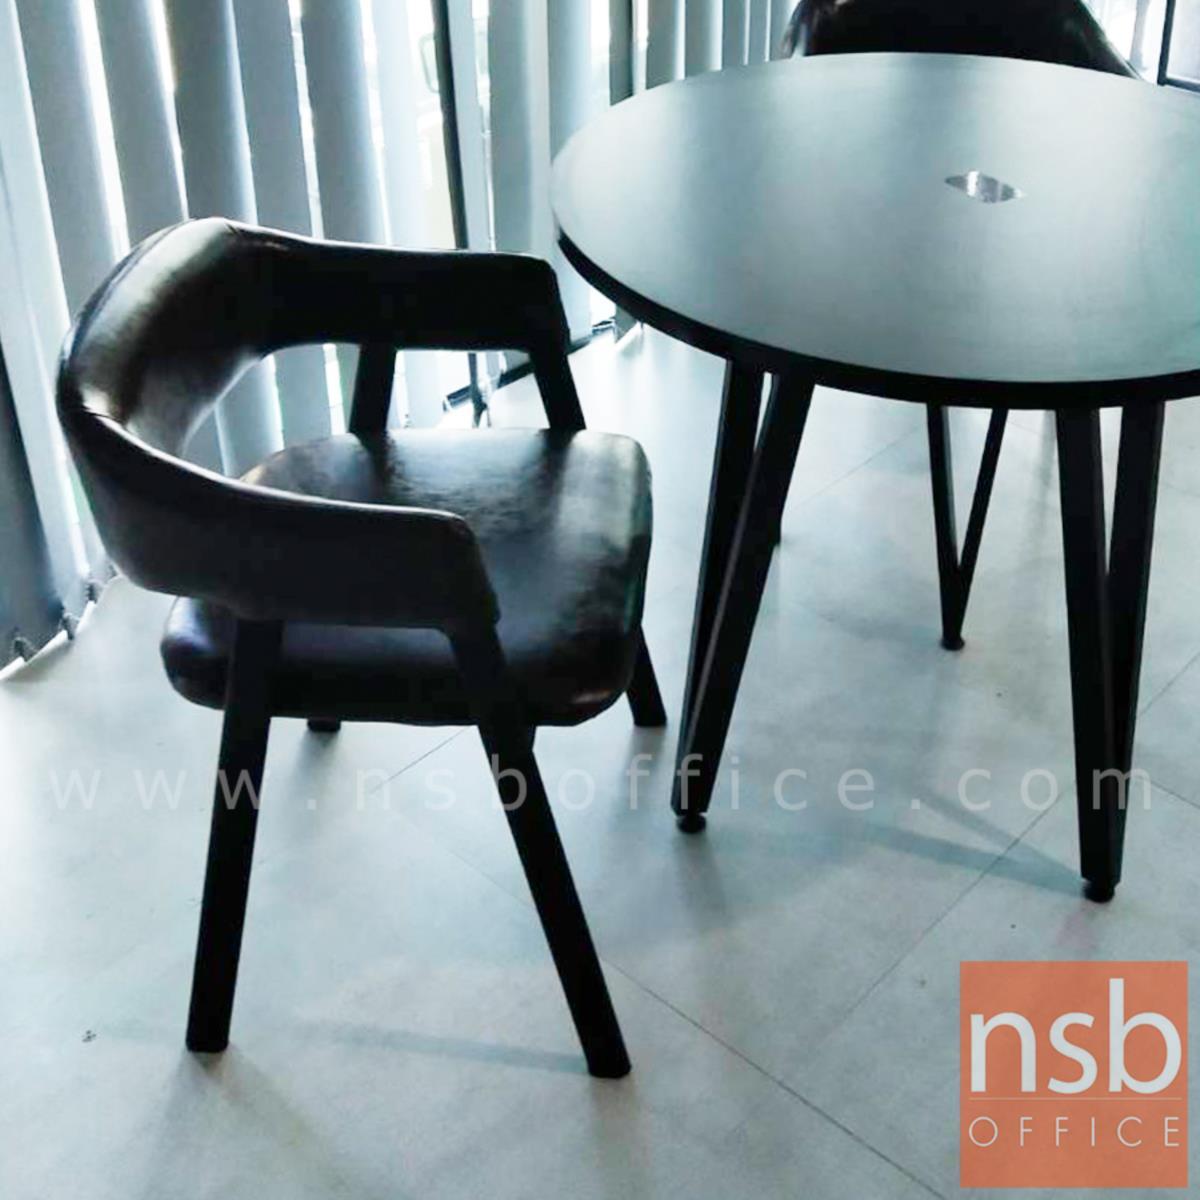 เก้าอี้โมเดิร์นหนังเทียม รุ่น Gable (เกเบิล) ขนาด 50W cm. โครงขาไม้